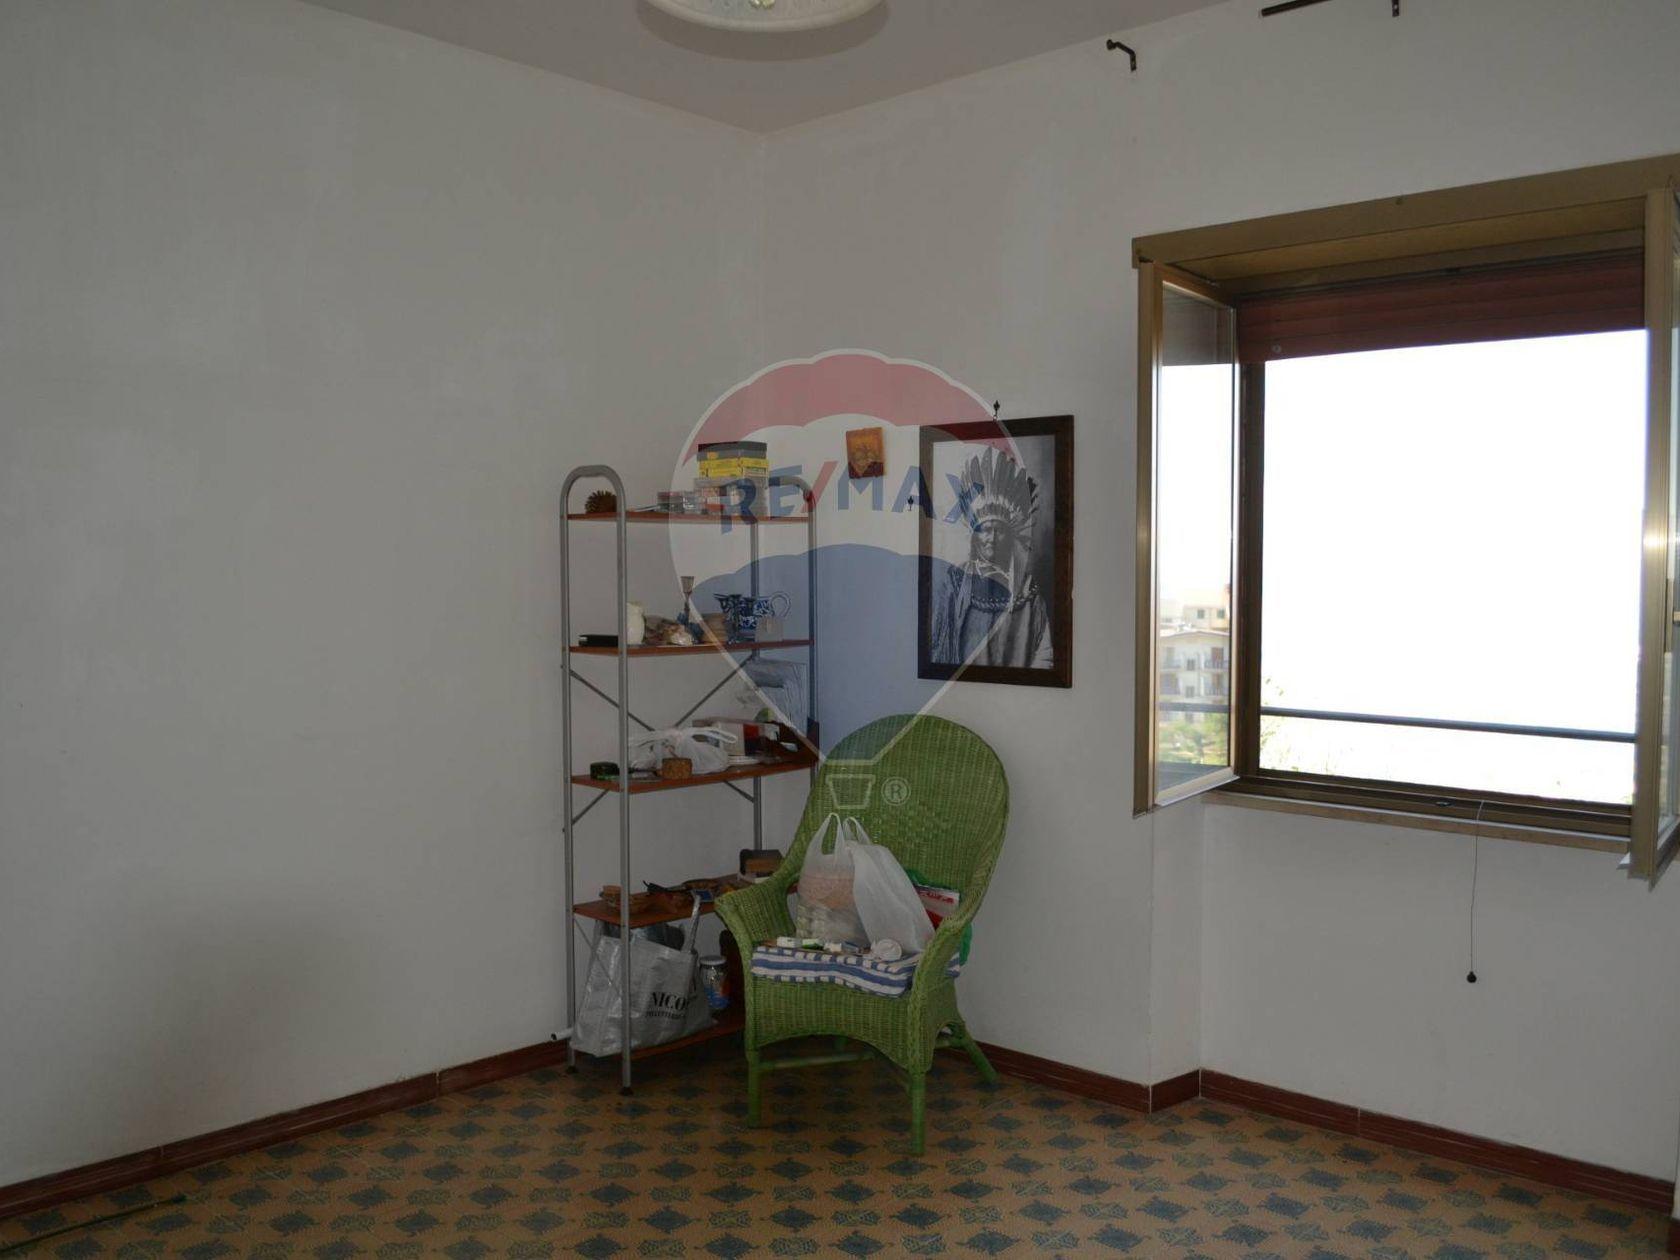 Appartamento San Polo dei Cavalieri, RM Vendita - Foto 8